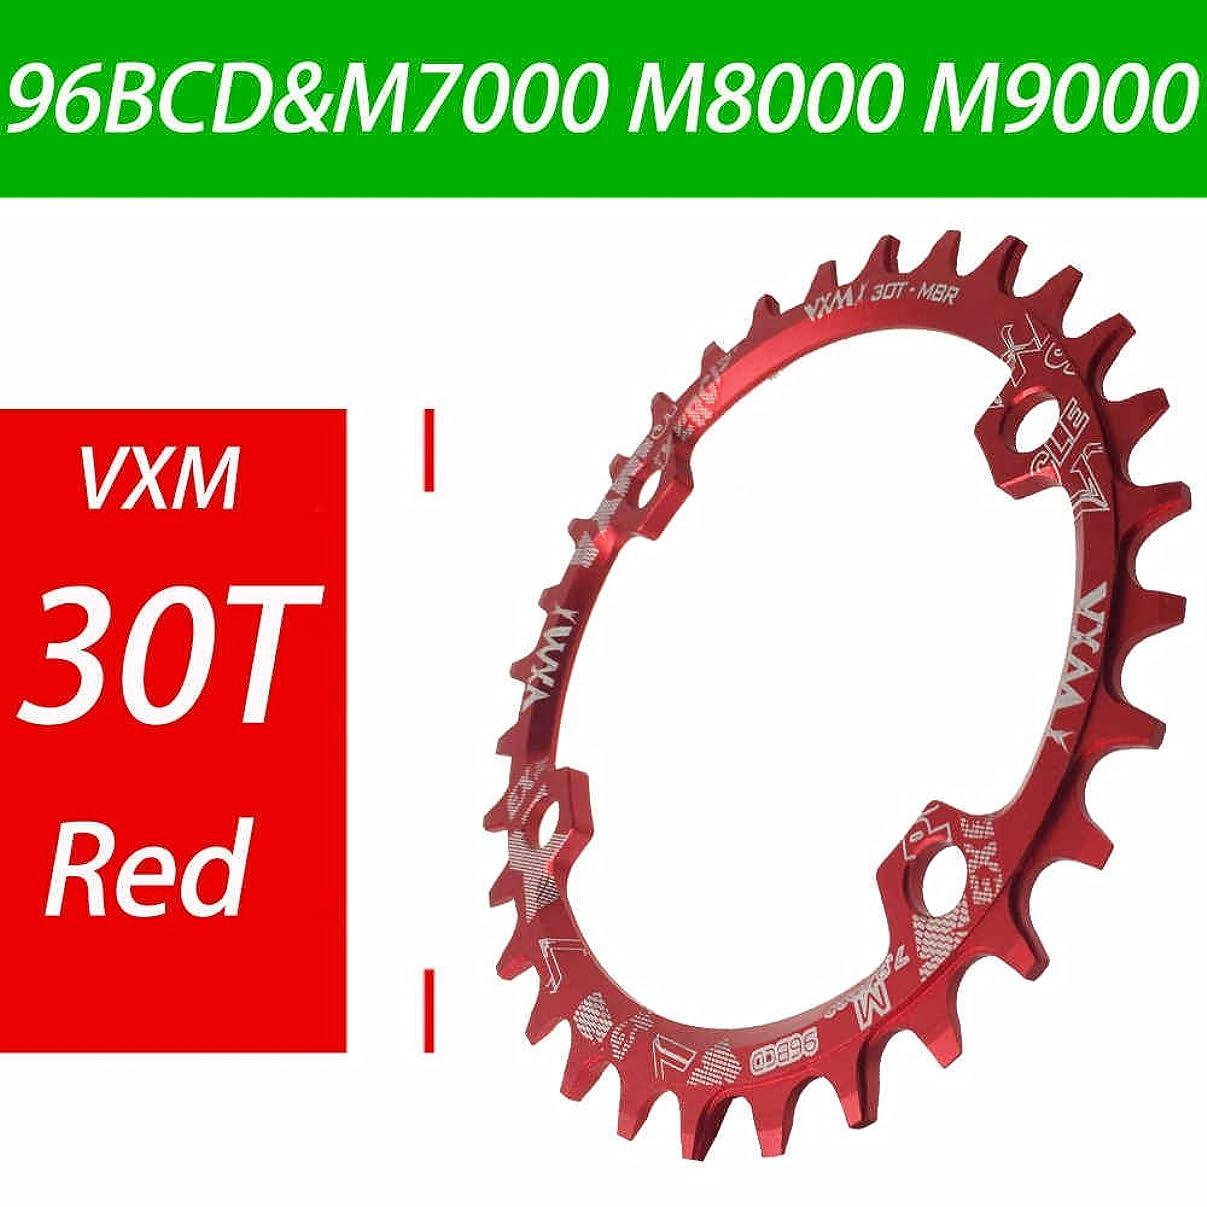 穏やかなアンプ扱うPropenary - Bicycle 96BCD Crank 30T Chainwheel Aluminum Alloy Round Chain ring Chainwheel Road Bicycle Chain ring for M7000 M8000 M9000 [ Red ]